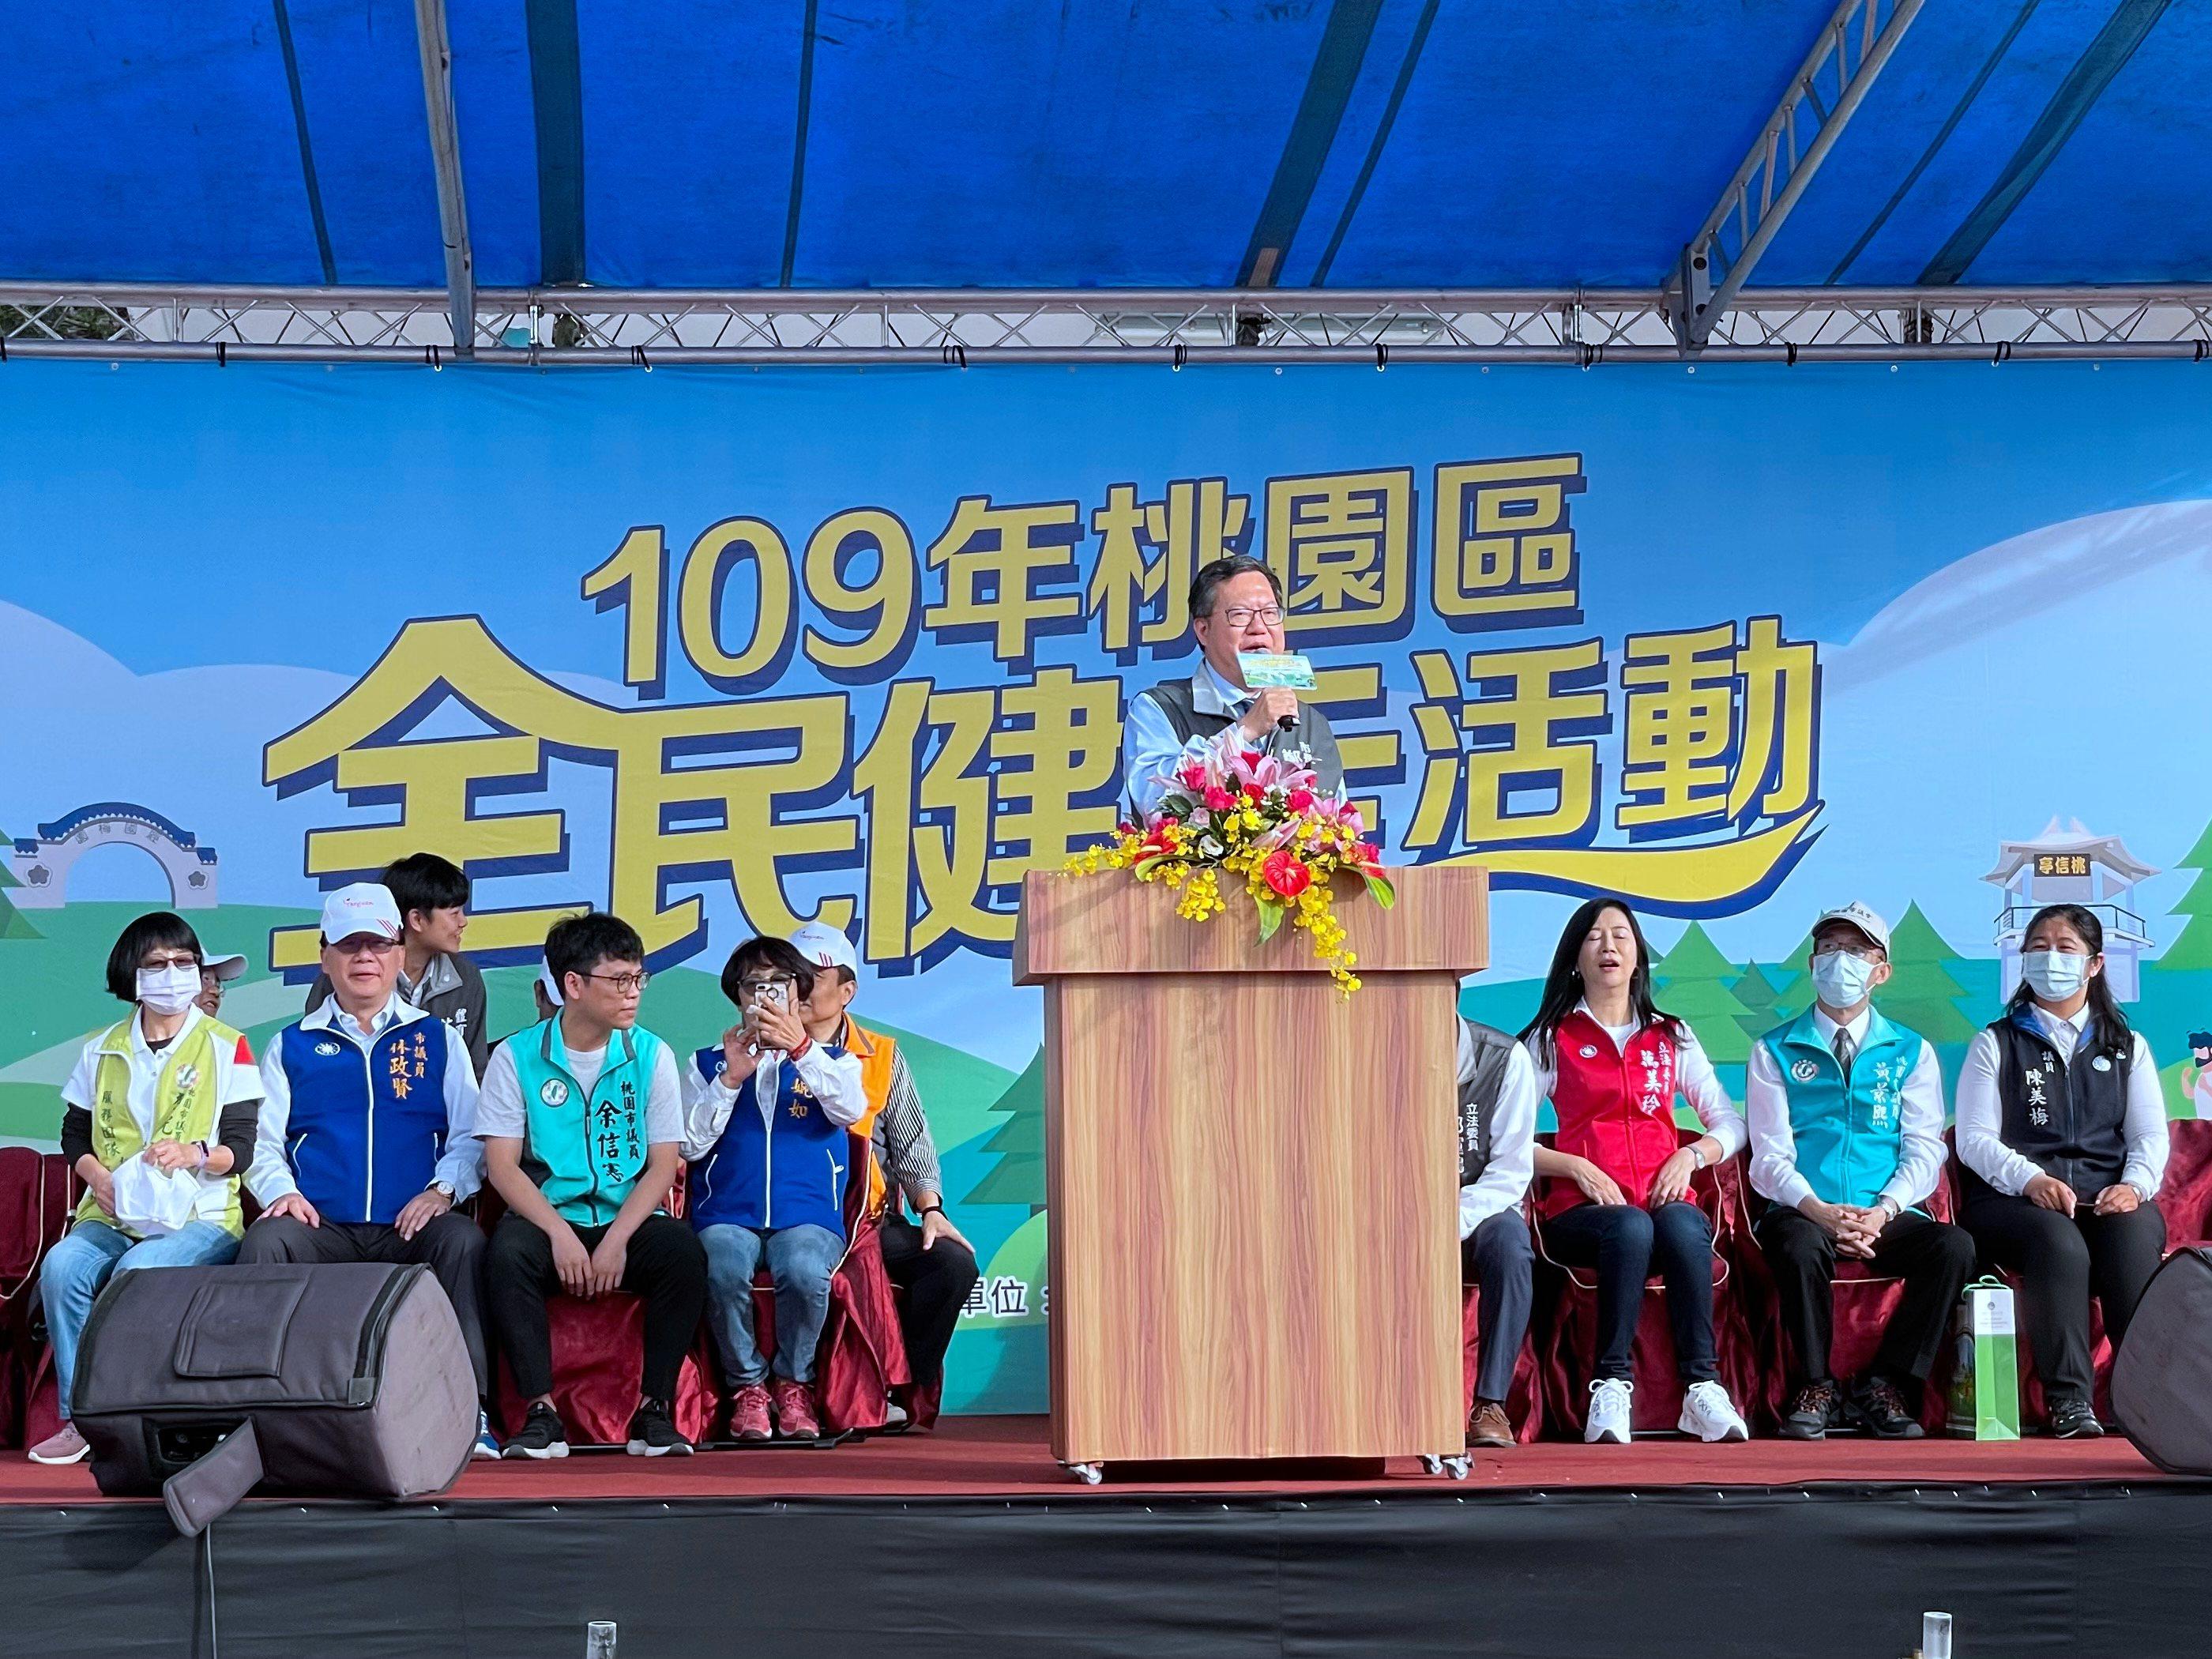 鄭文燦市長親臨現場主持開幕儀式。